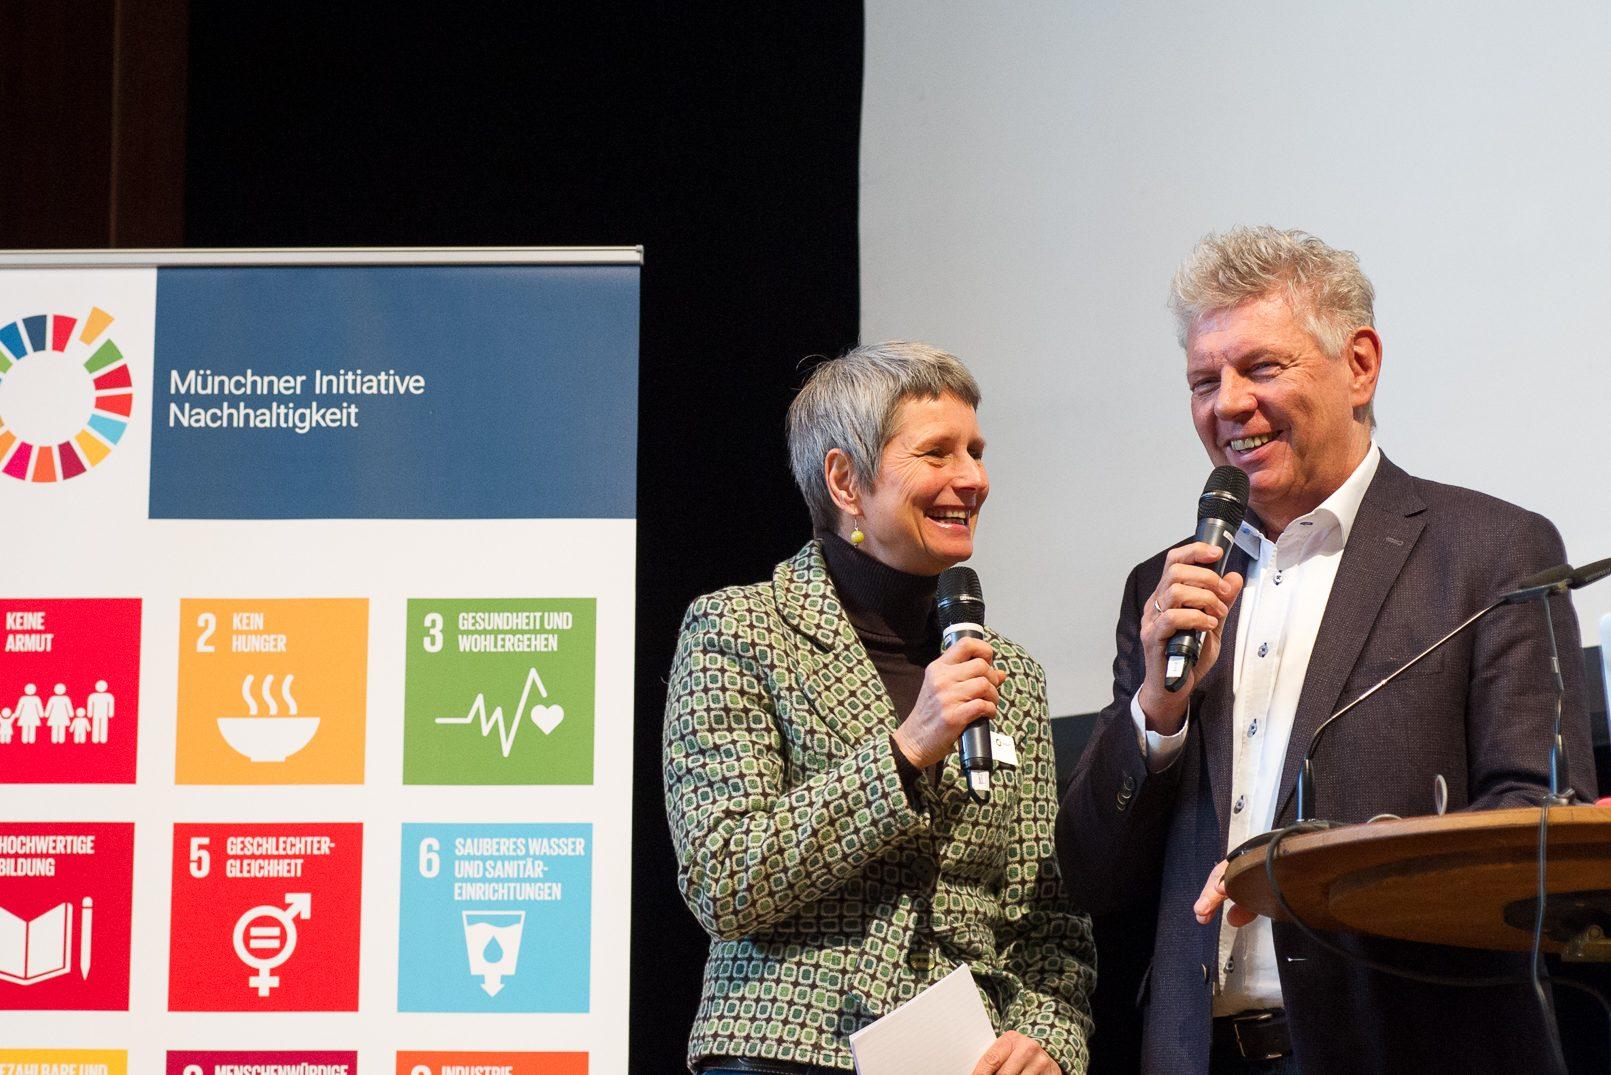 Münchner Initiative Nachhaltigkeit